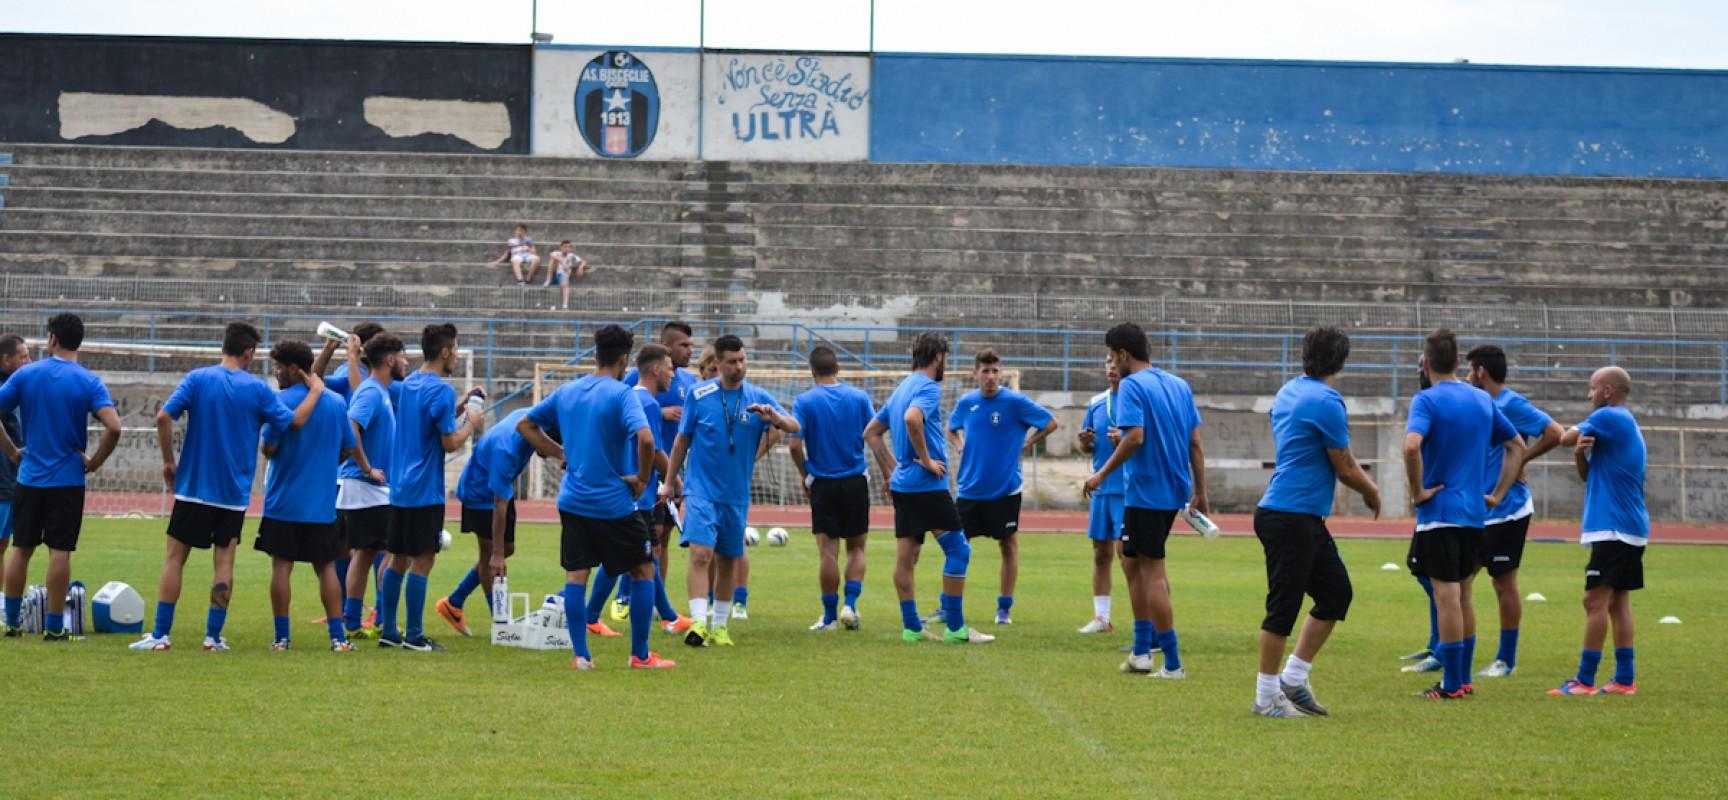 Bisceglie all'ultimo respiro, battuto 1-0 il Manfredonia